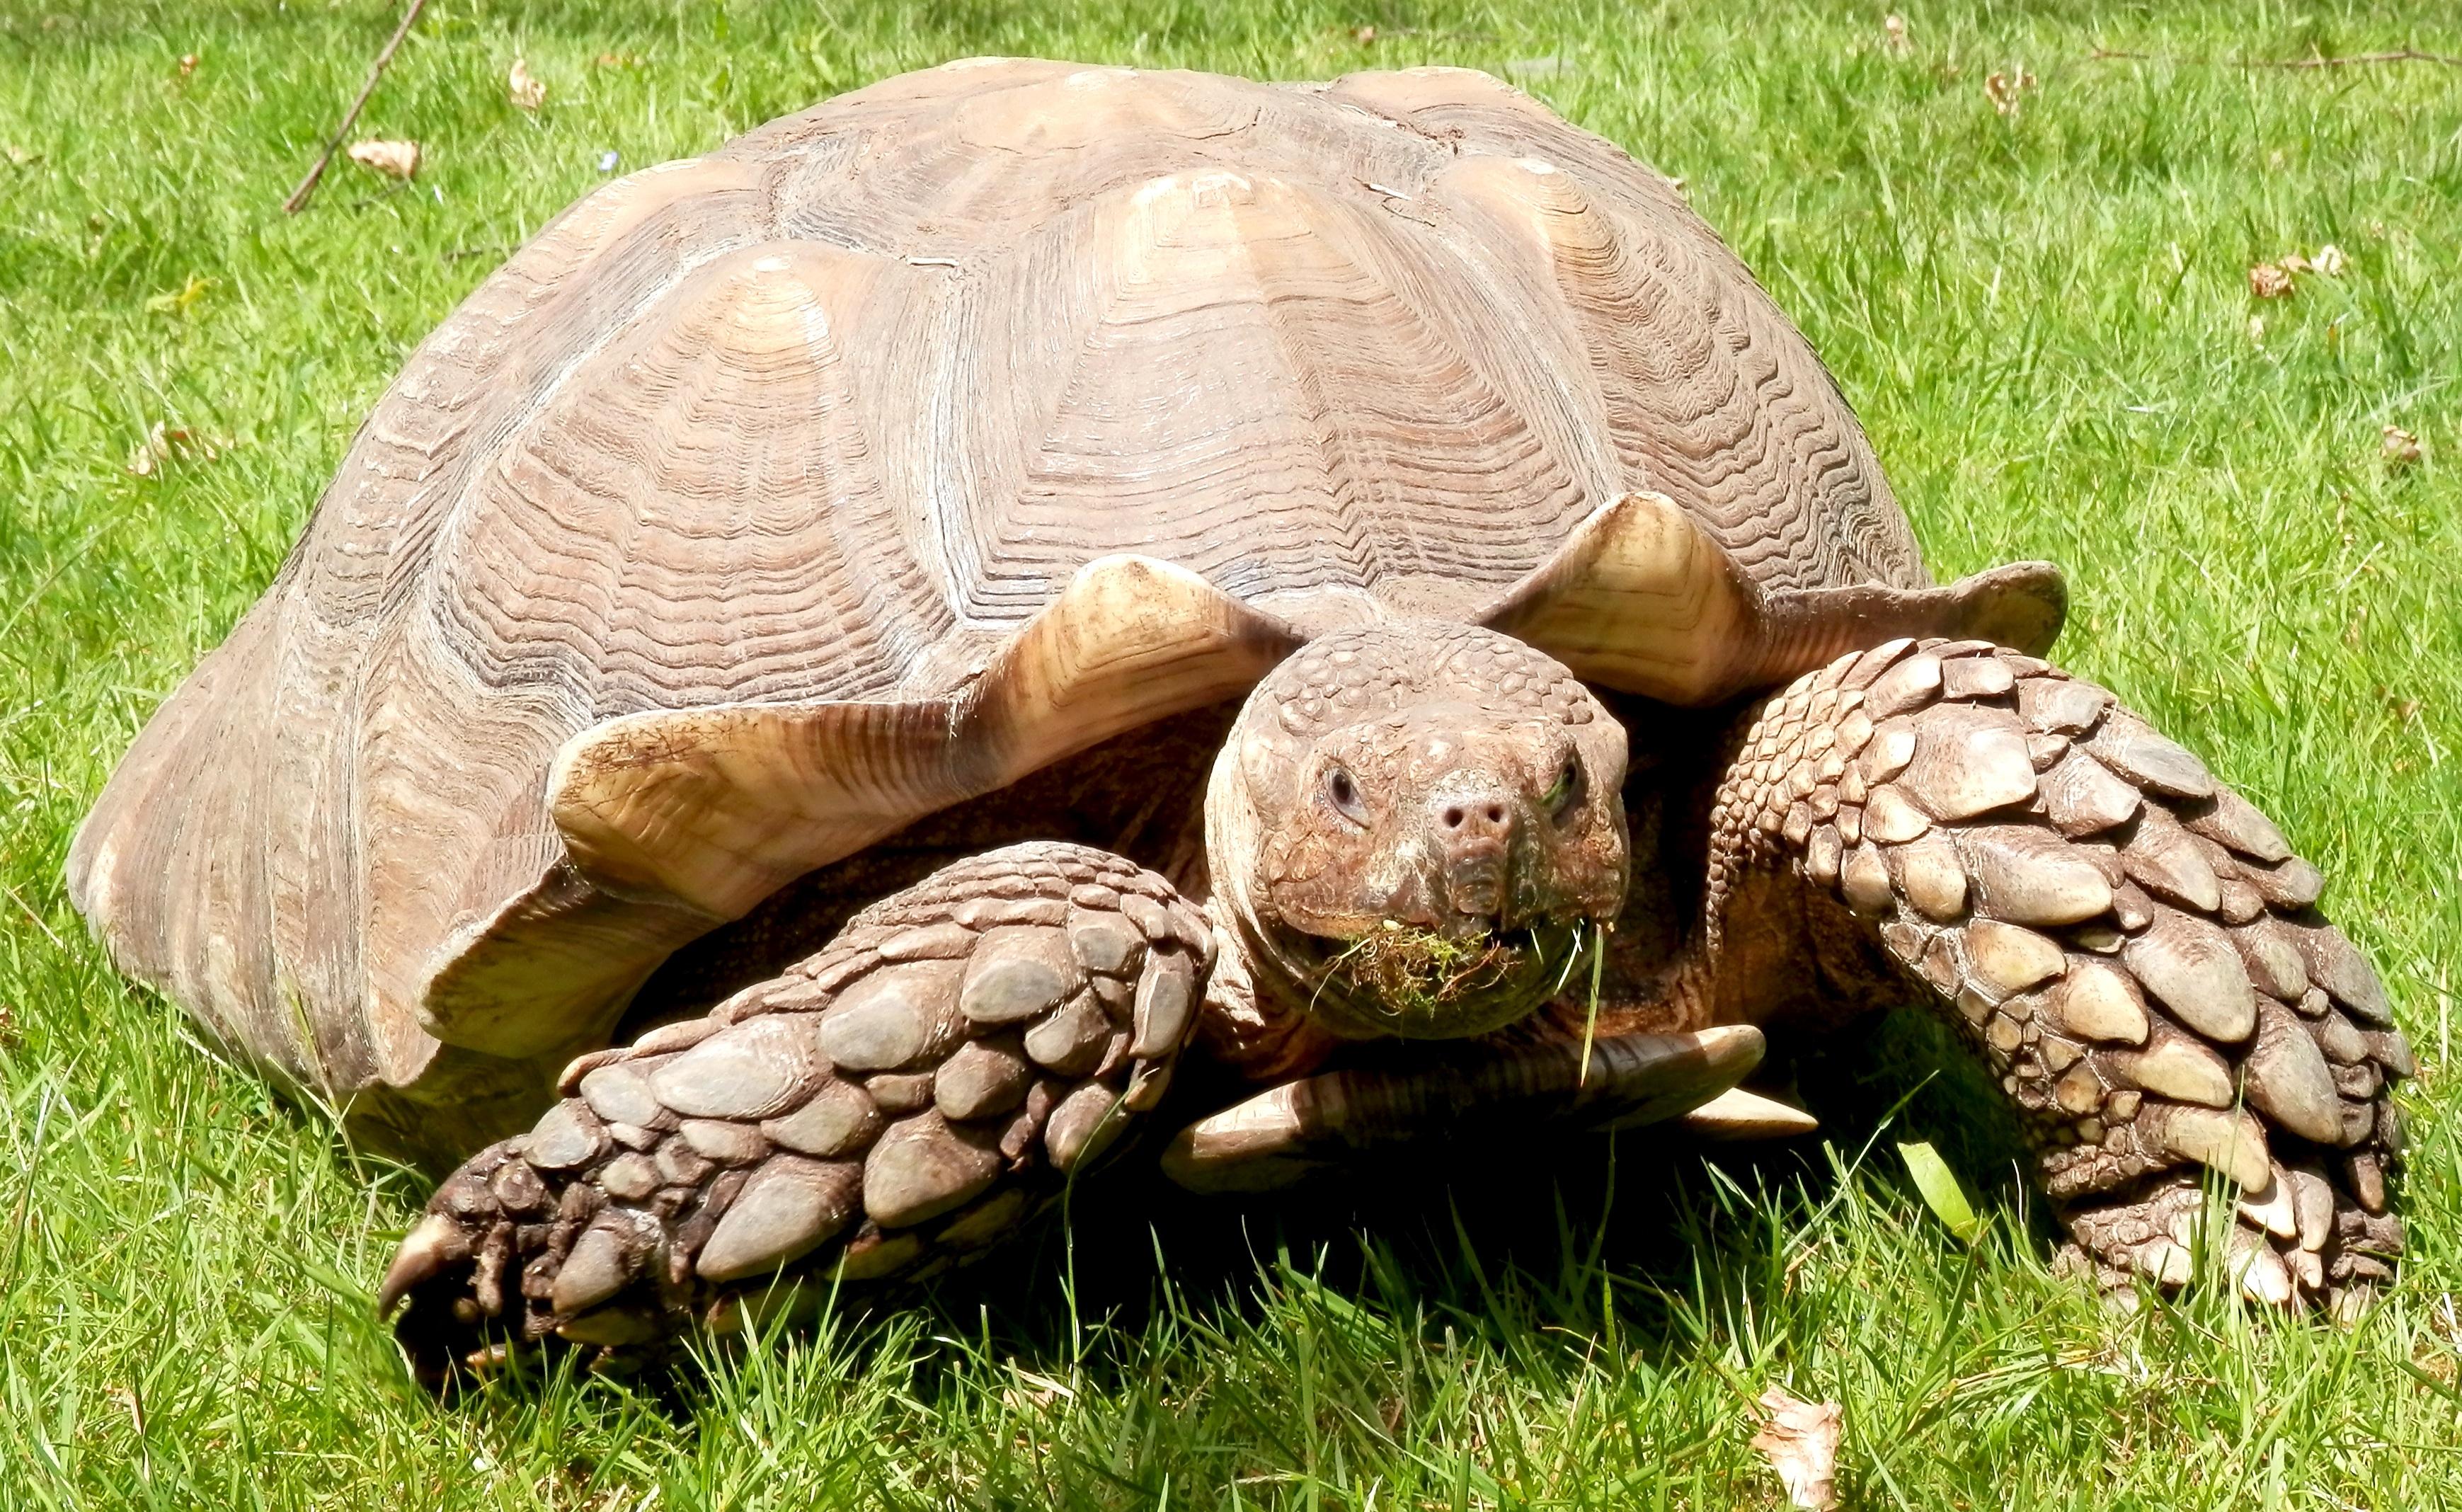 картинки черепаха из м фото четверть века компания